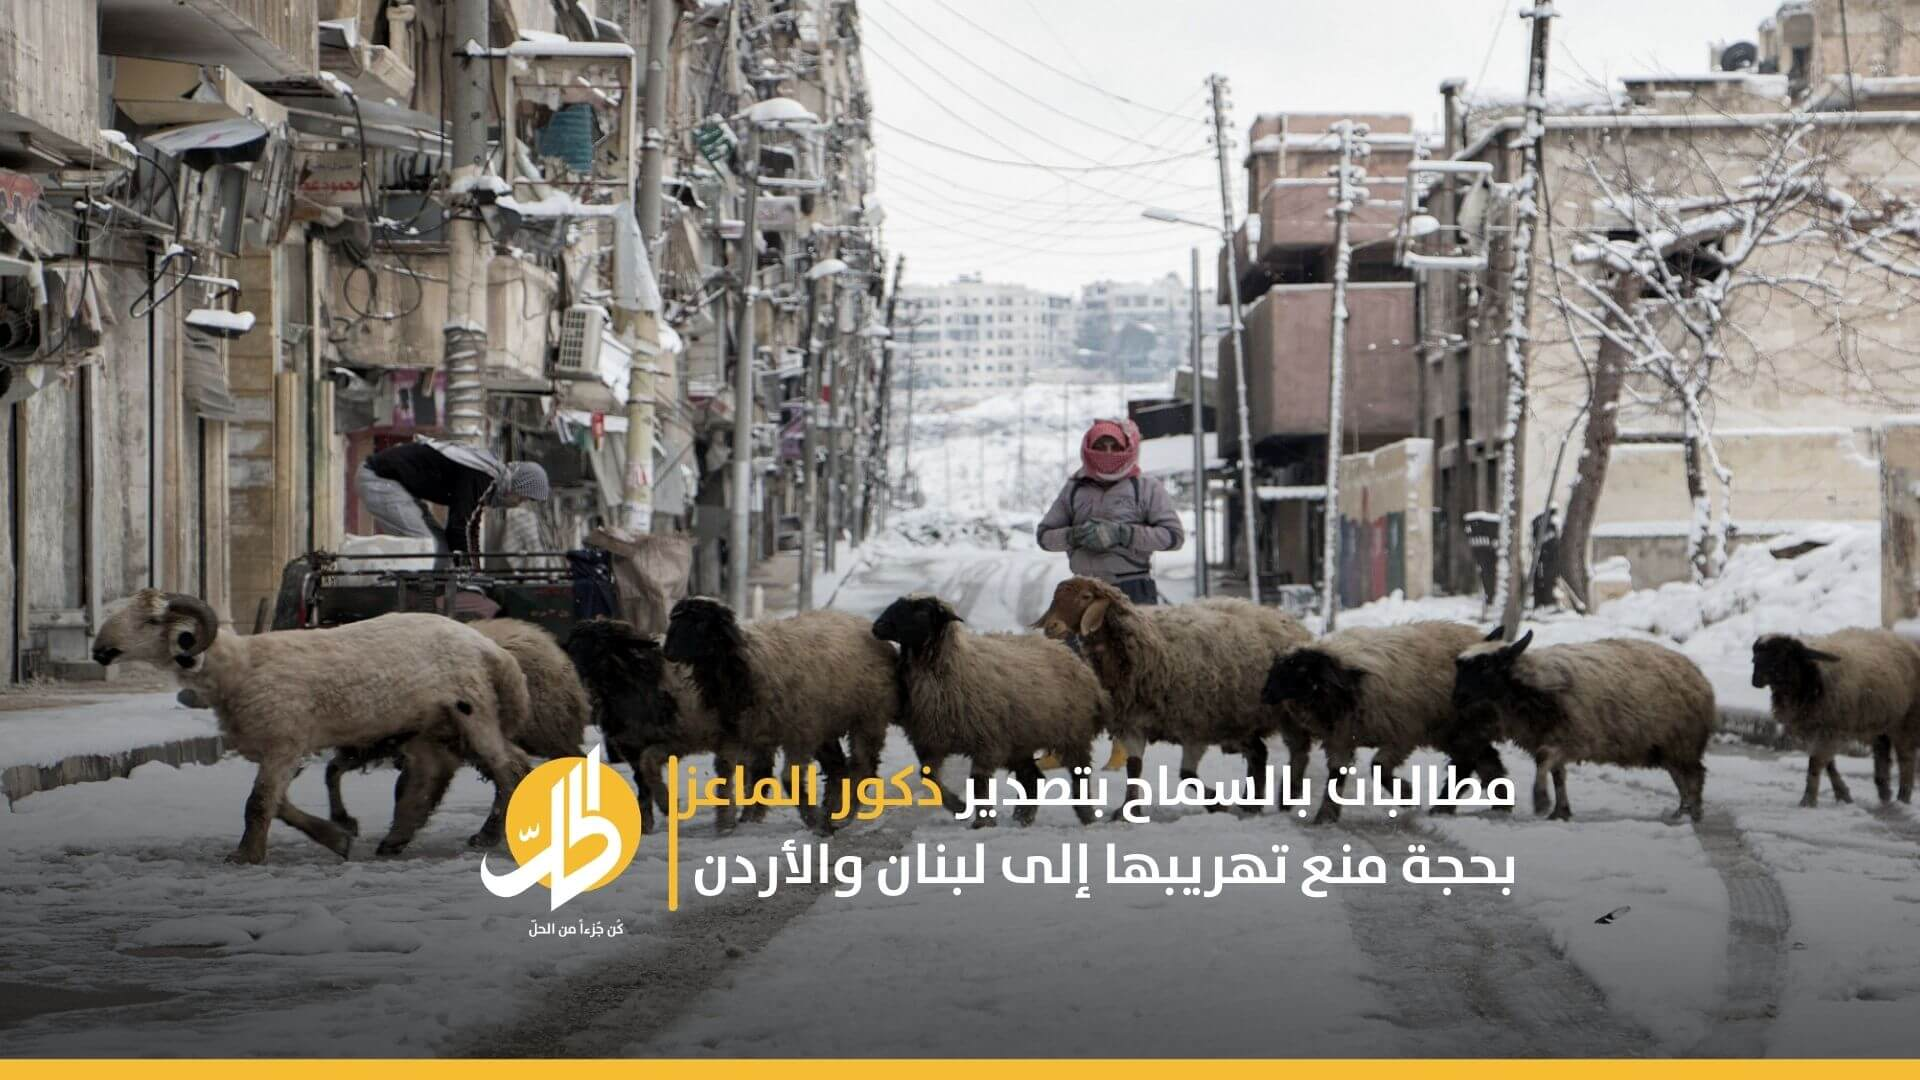 مطالبات بالسماح بتصدير ذكور الماعز بحجة منع تهريبها إلى لبنان والأردن